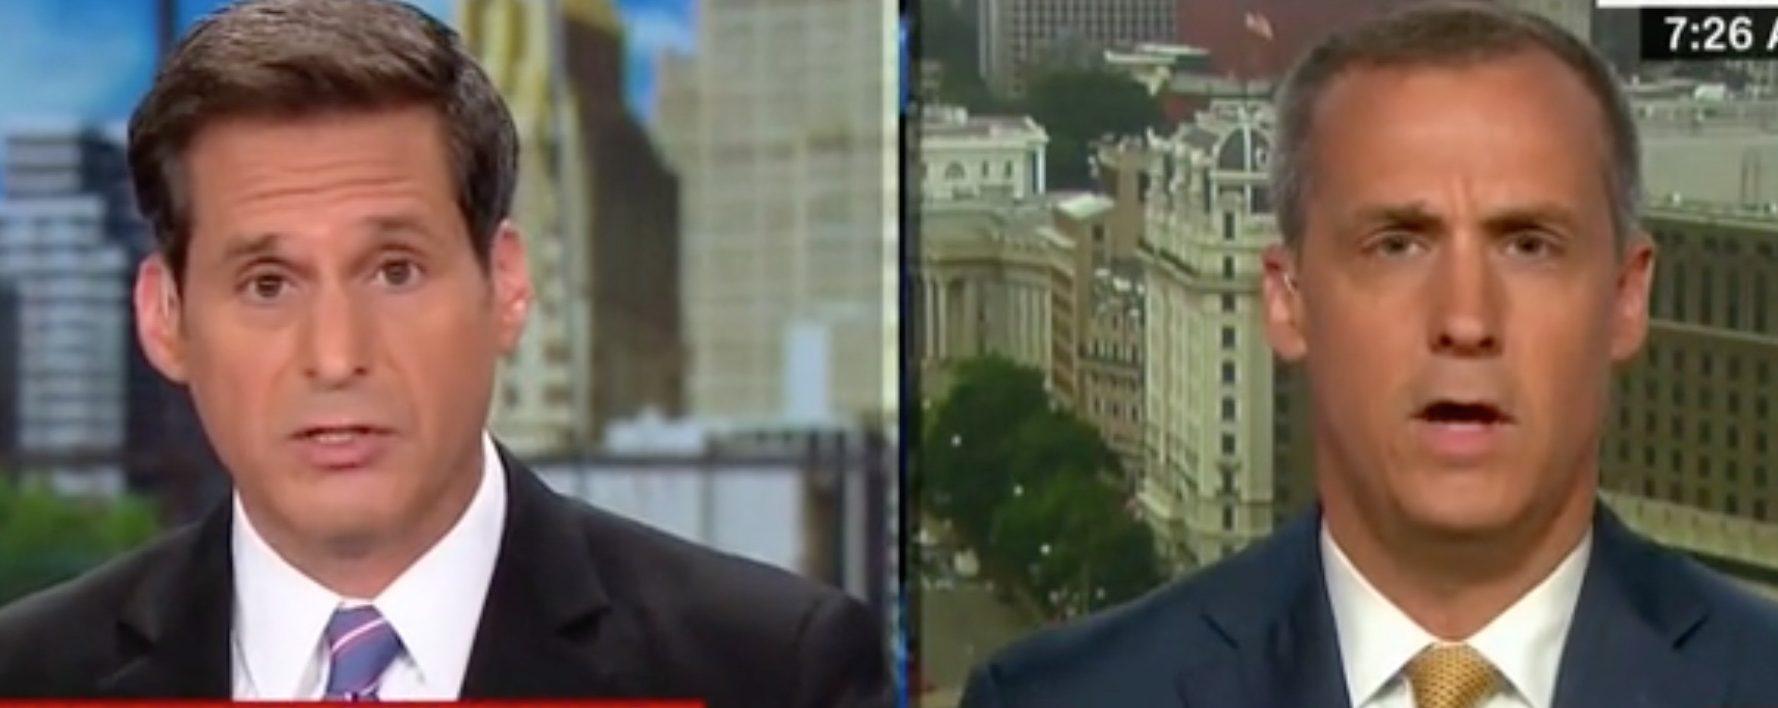 CNN's John Berman debates Corey Lewandowski on civility in politics./Screenshot